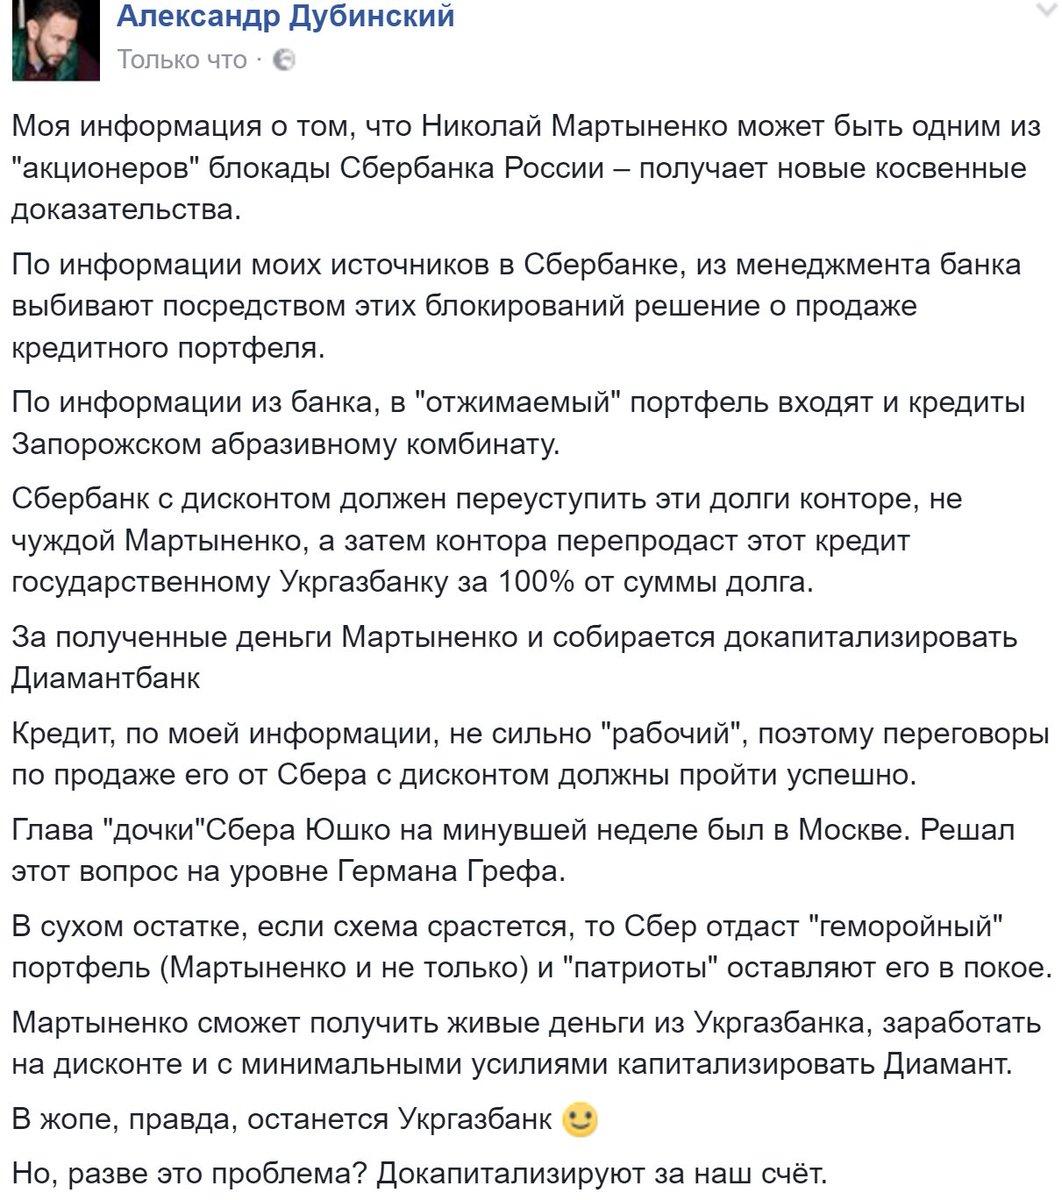 """Вход в """"Сбербанк"""" в Краматорске обклеили листовками и заблокировали - Цензор.НЕТ 8698"""